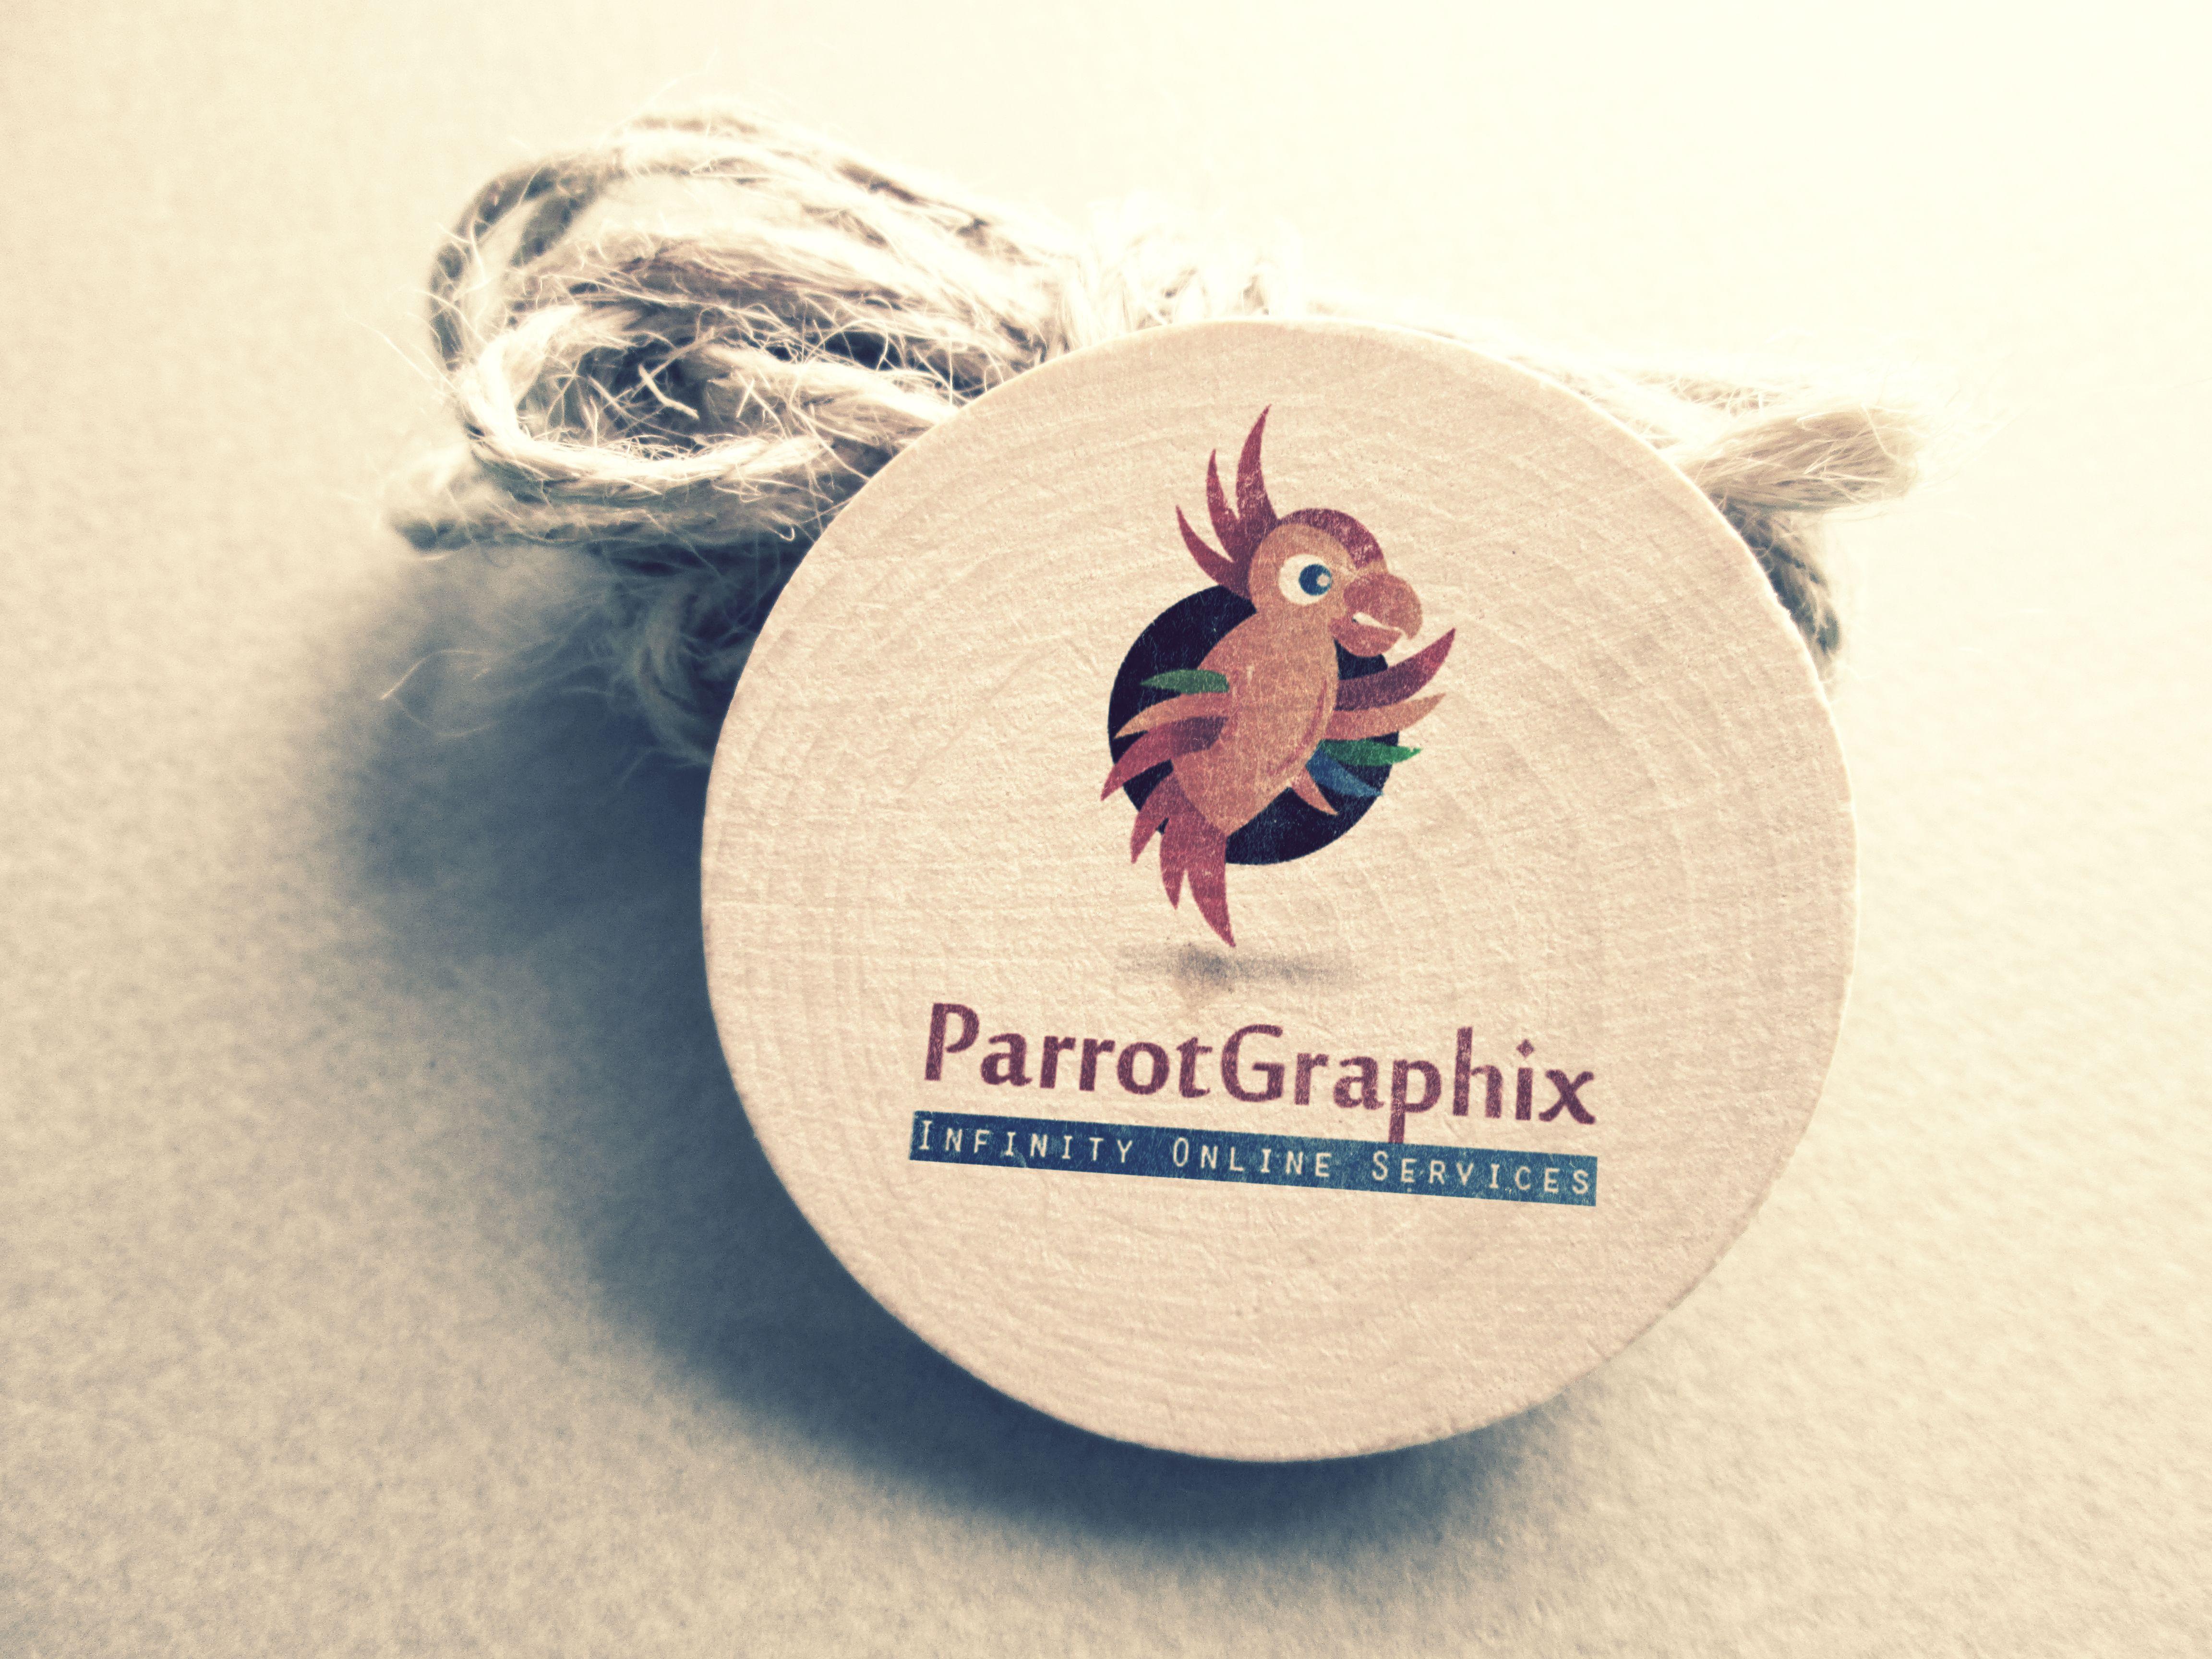 صمم شعارك الرائع في دقائق قم بإنشاء تصميم شعار مذهل لعلامتك التجارية الان ومجانا اذا كنت تريد تصميم شعارك المميز الخاص بك هل ترى Parrot Online Service